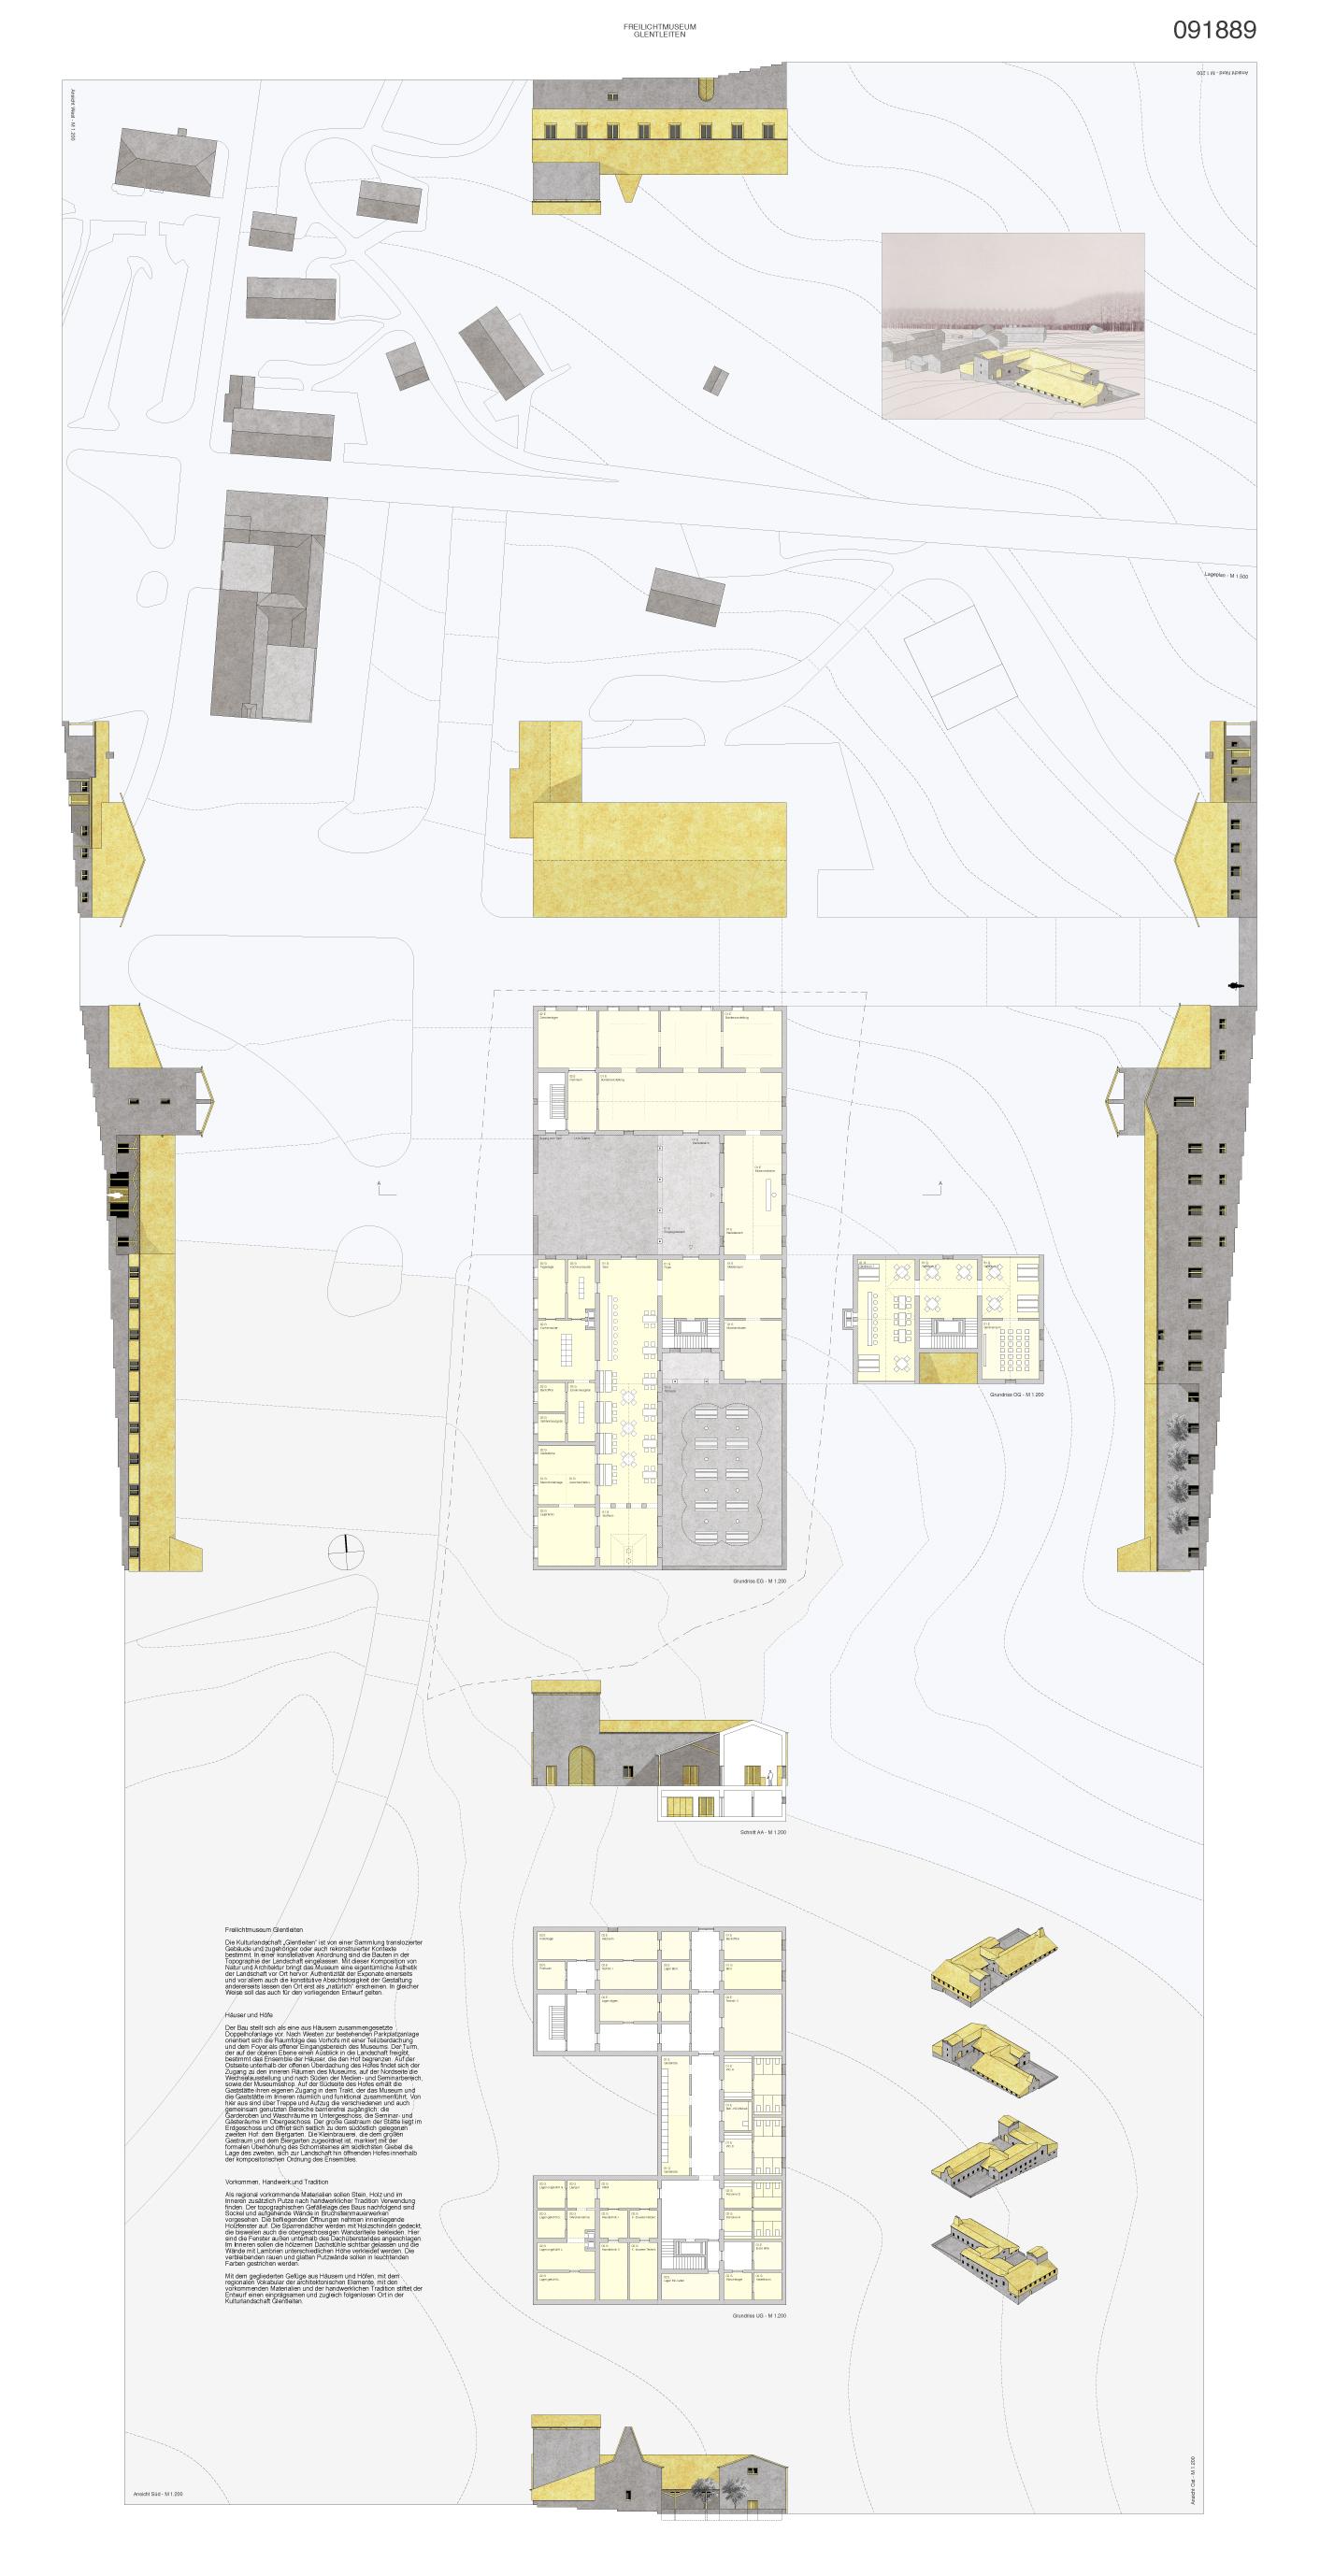 Mit dem gegliederten gefüge aus häusern und höfen mit dem regionalen vokabular der architektonischen elemente mit den vorkommenden materialien und der